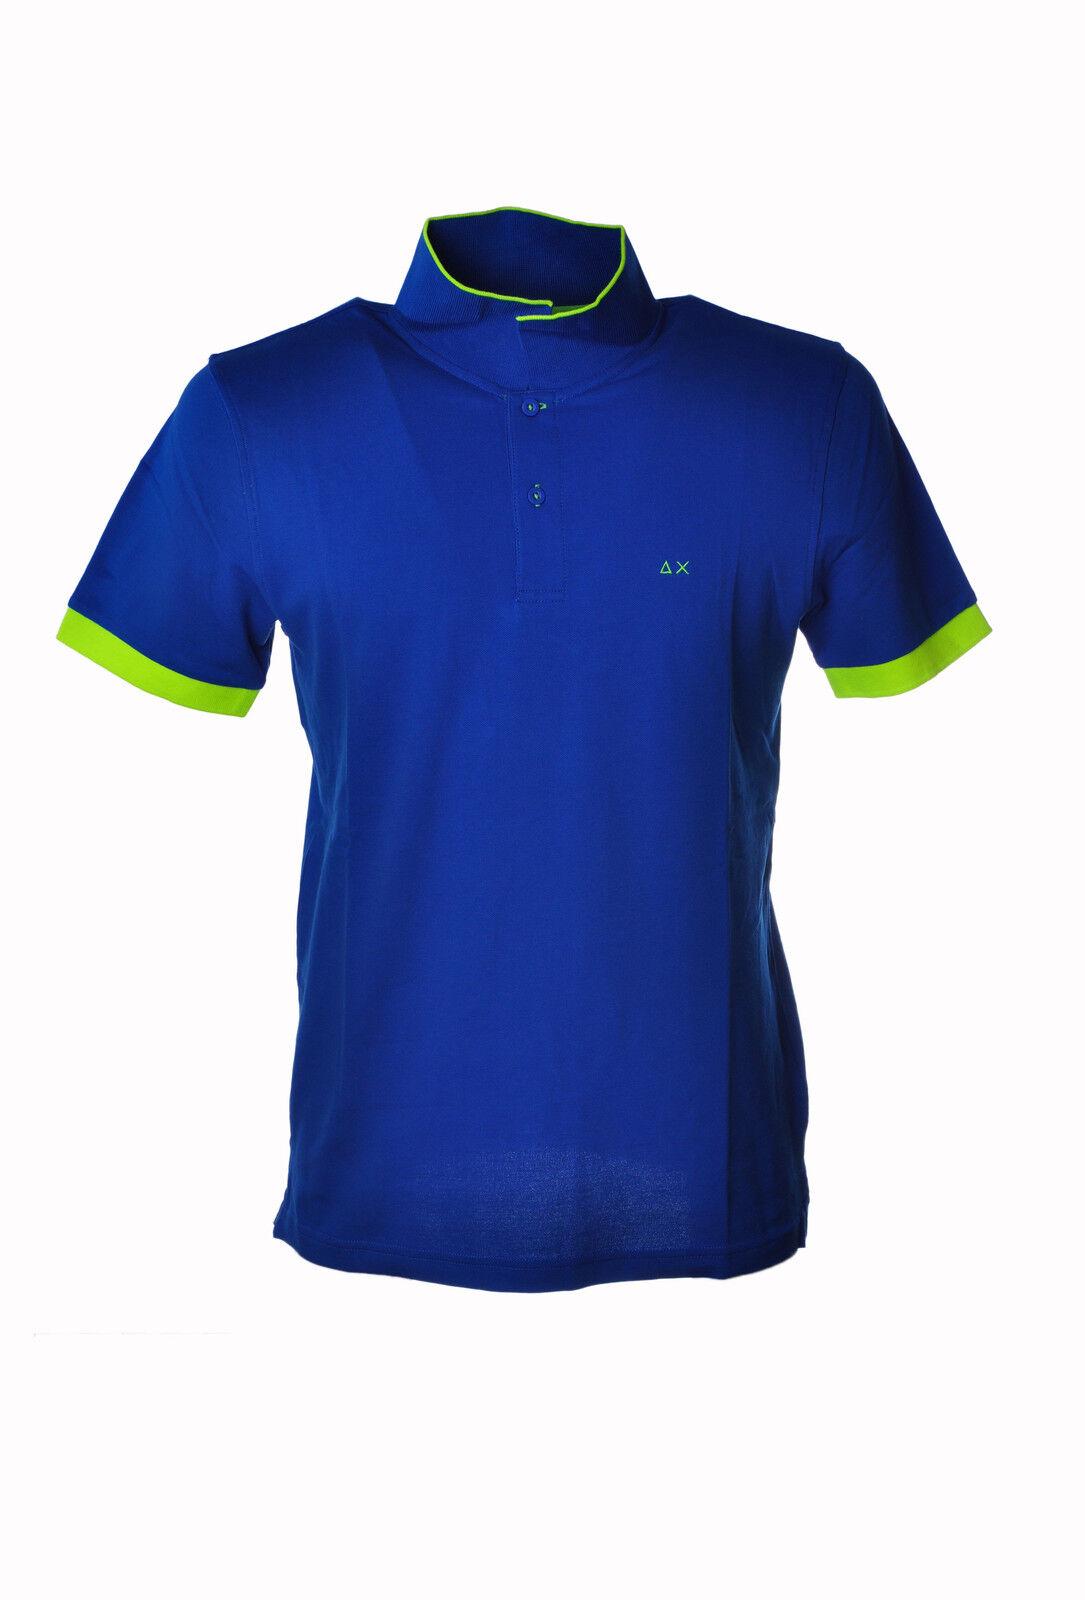 Sun 68 - Topwear Polo - Mann - blue - 3210415G184609